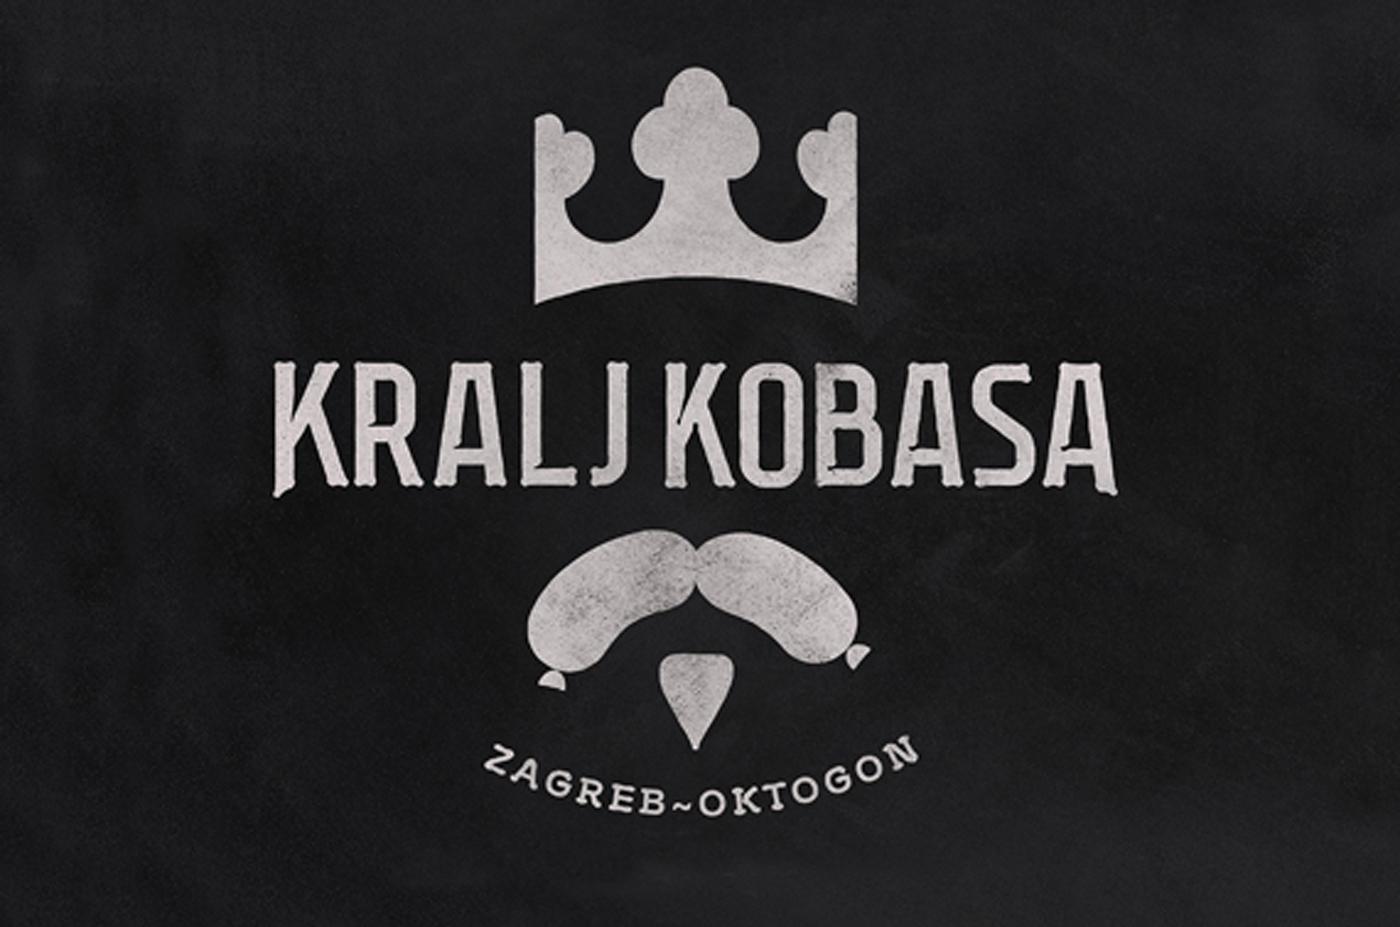 Kralj kobasa